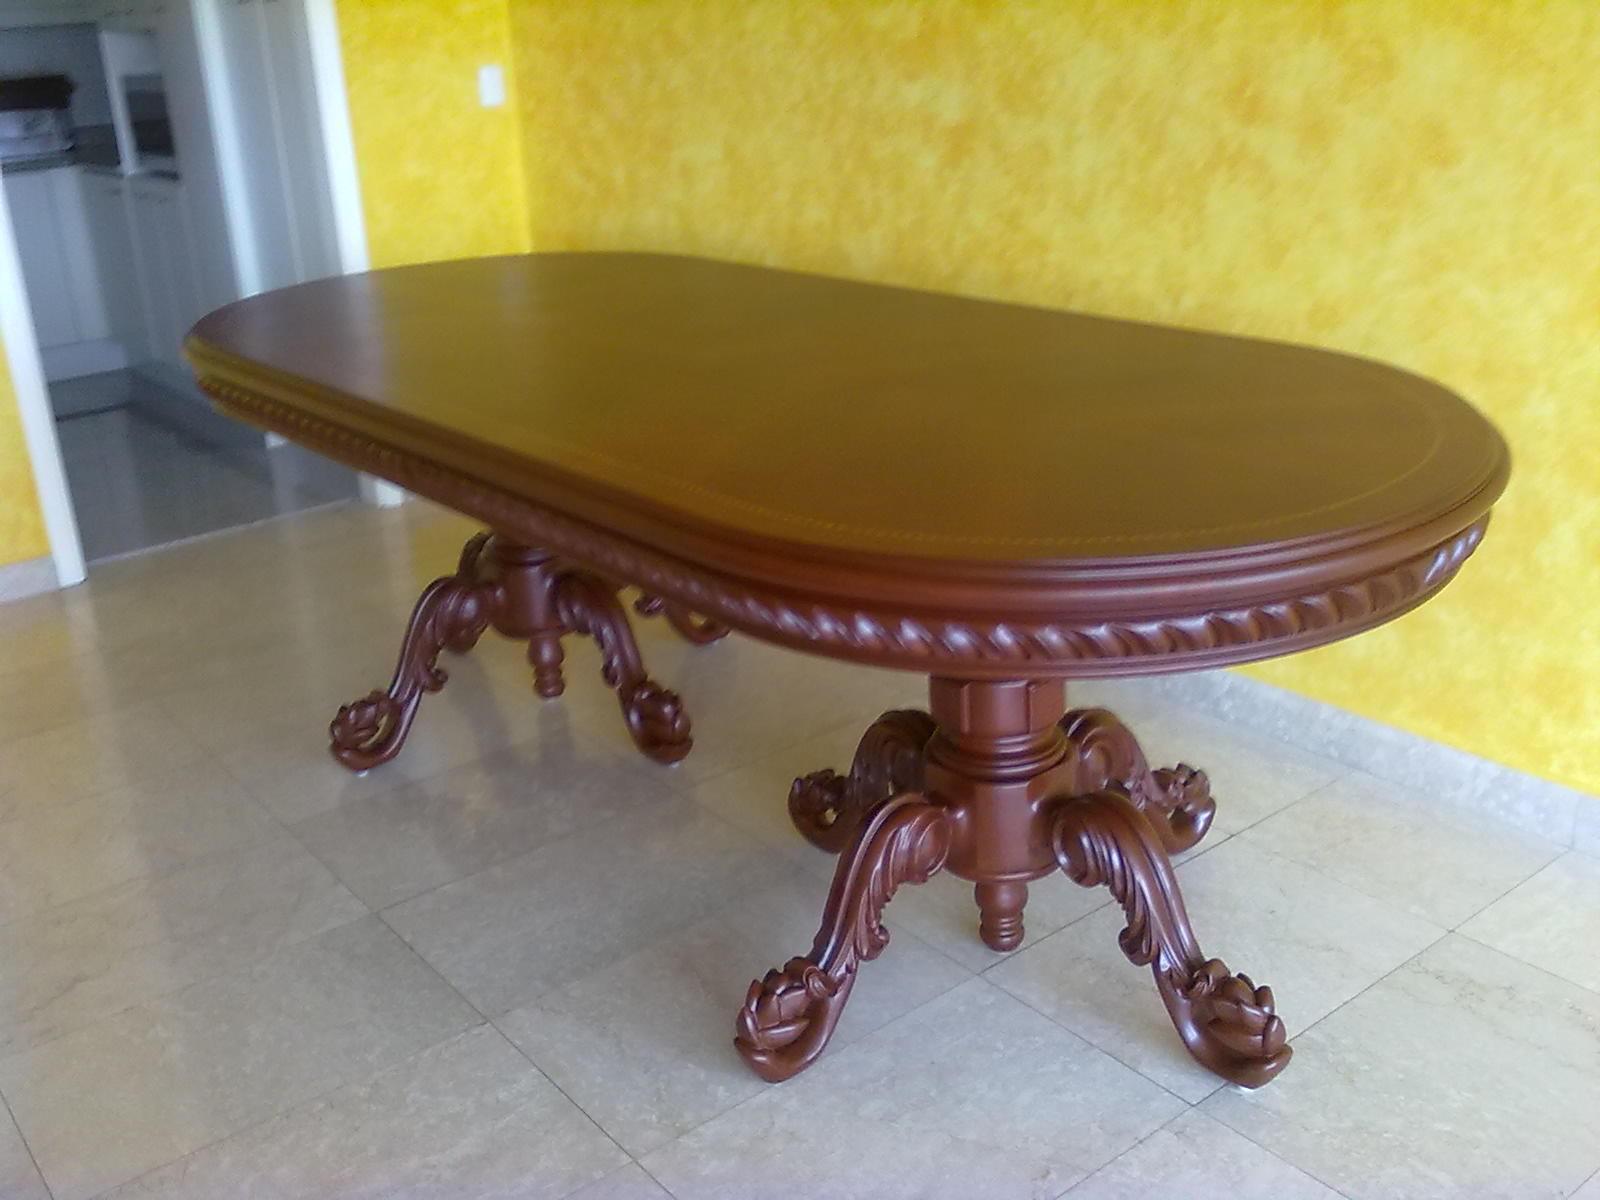 Muebles tallados obtenga ideas dise o de muebles para su for Muebles de sala tallados en madera